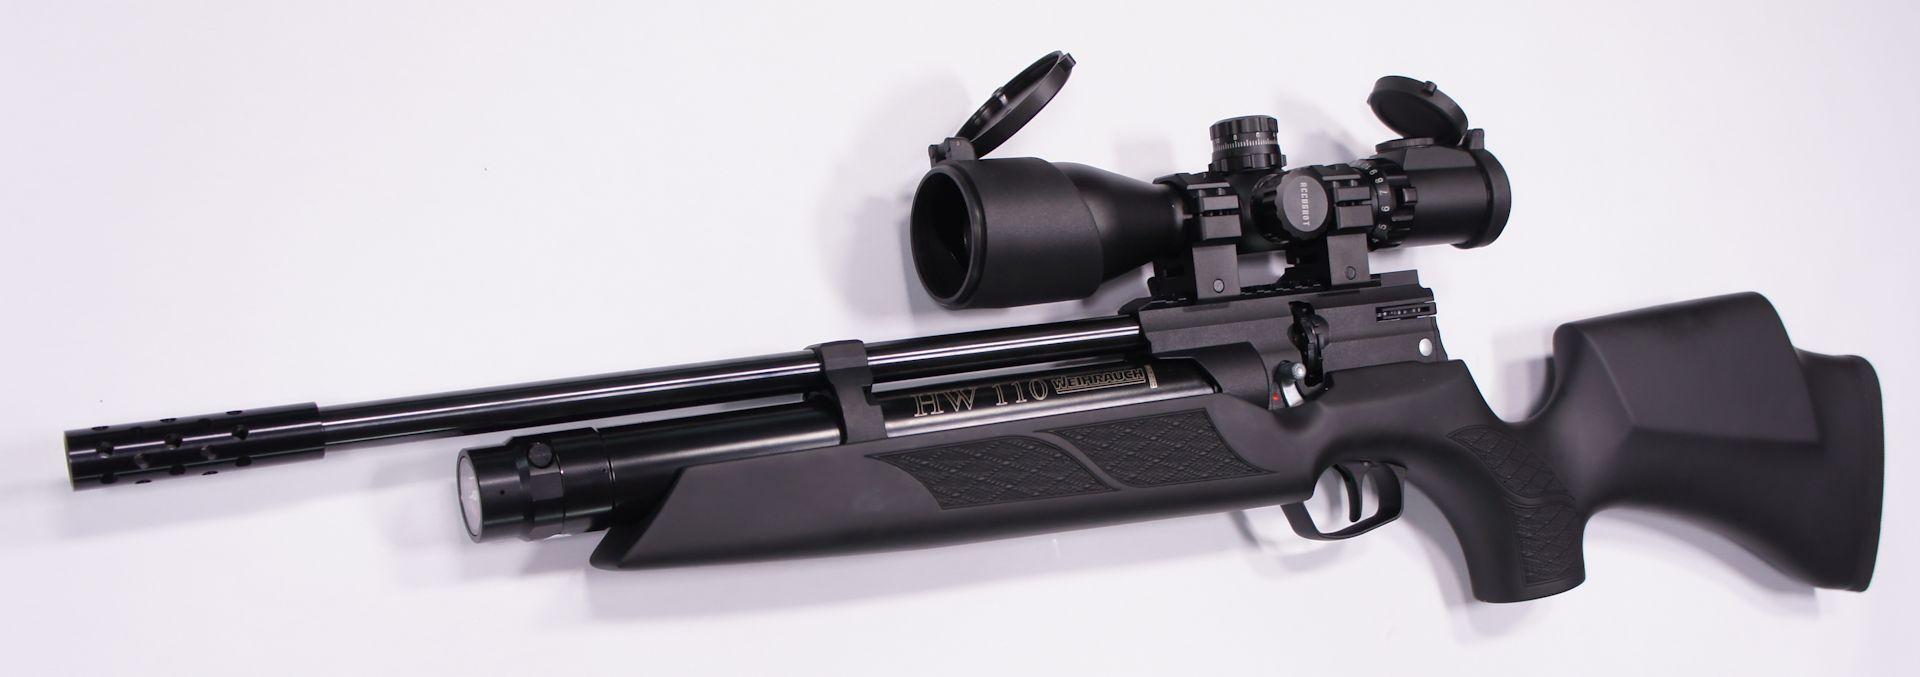 Montagebeispiel: erwerbsscheinpflichtiges  Luftgewehr Weihrauch HW 110 ST mit  <a href=1130118.htm> Optik UTG 3-12x44 </a>